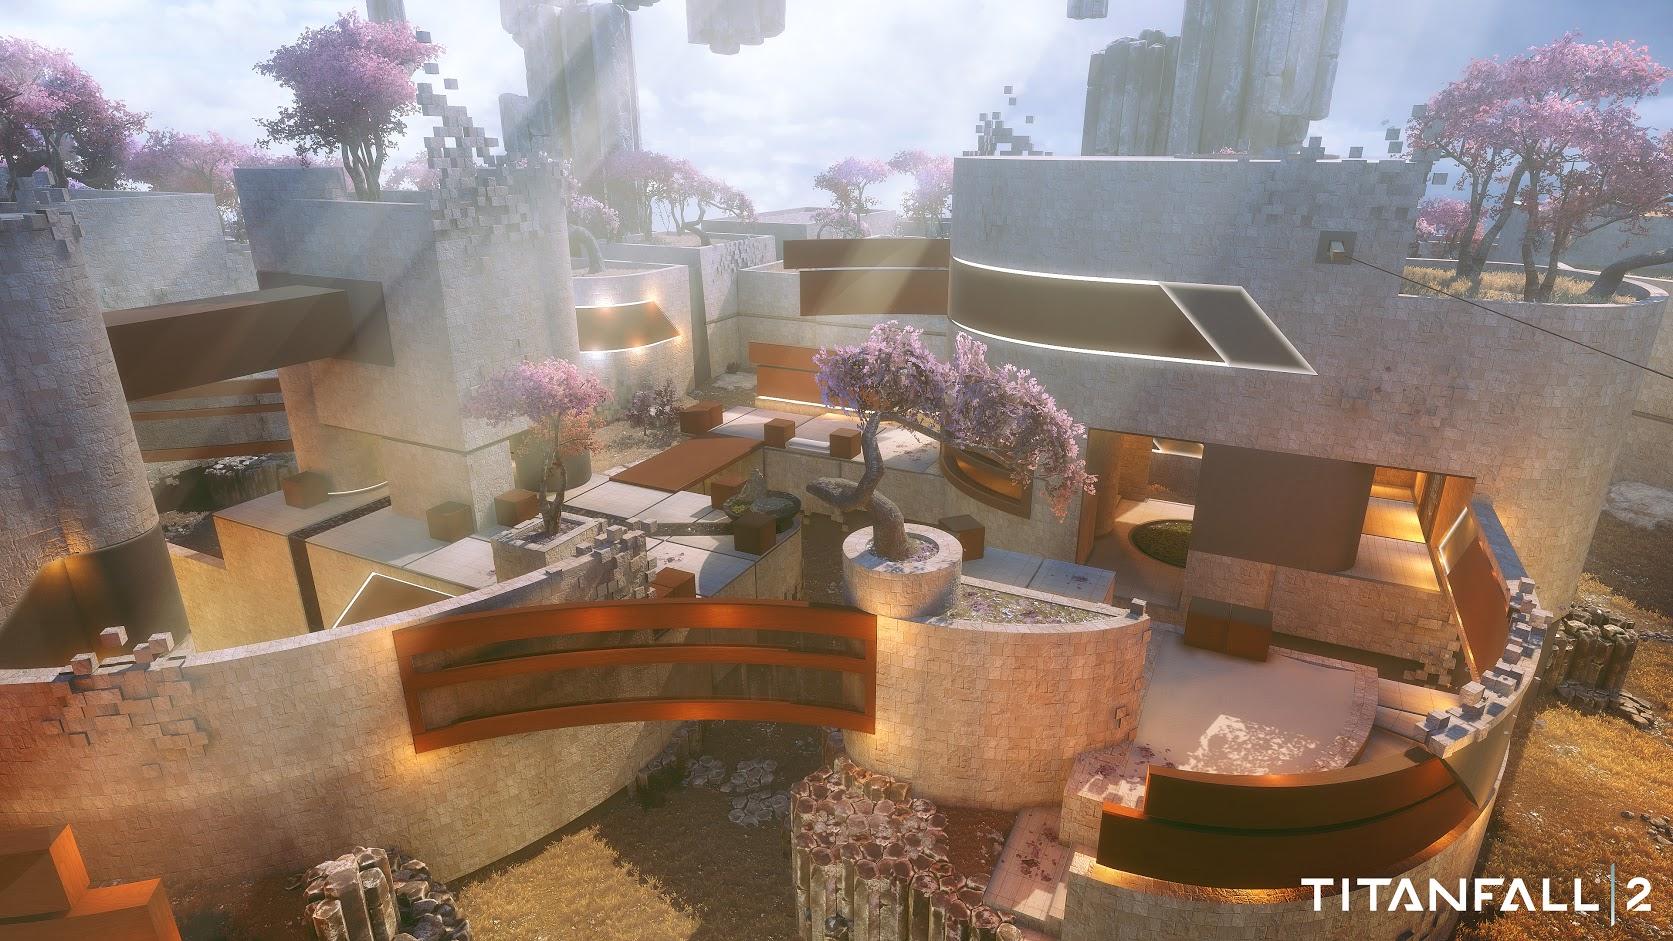 Obsahová aktualizace A Glitch in the Frontier pro Titanfall 2 dorazí 25. dubna 142307